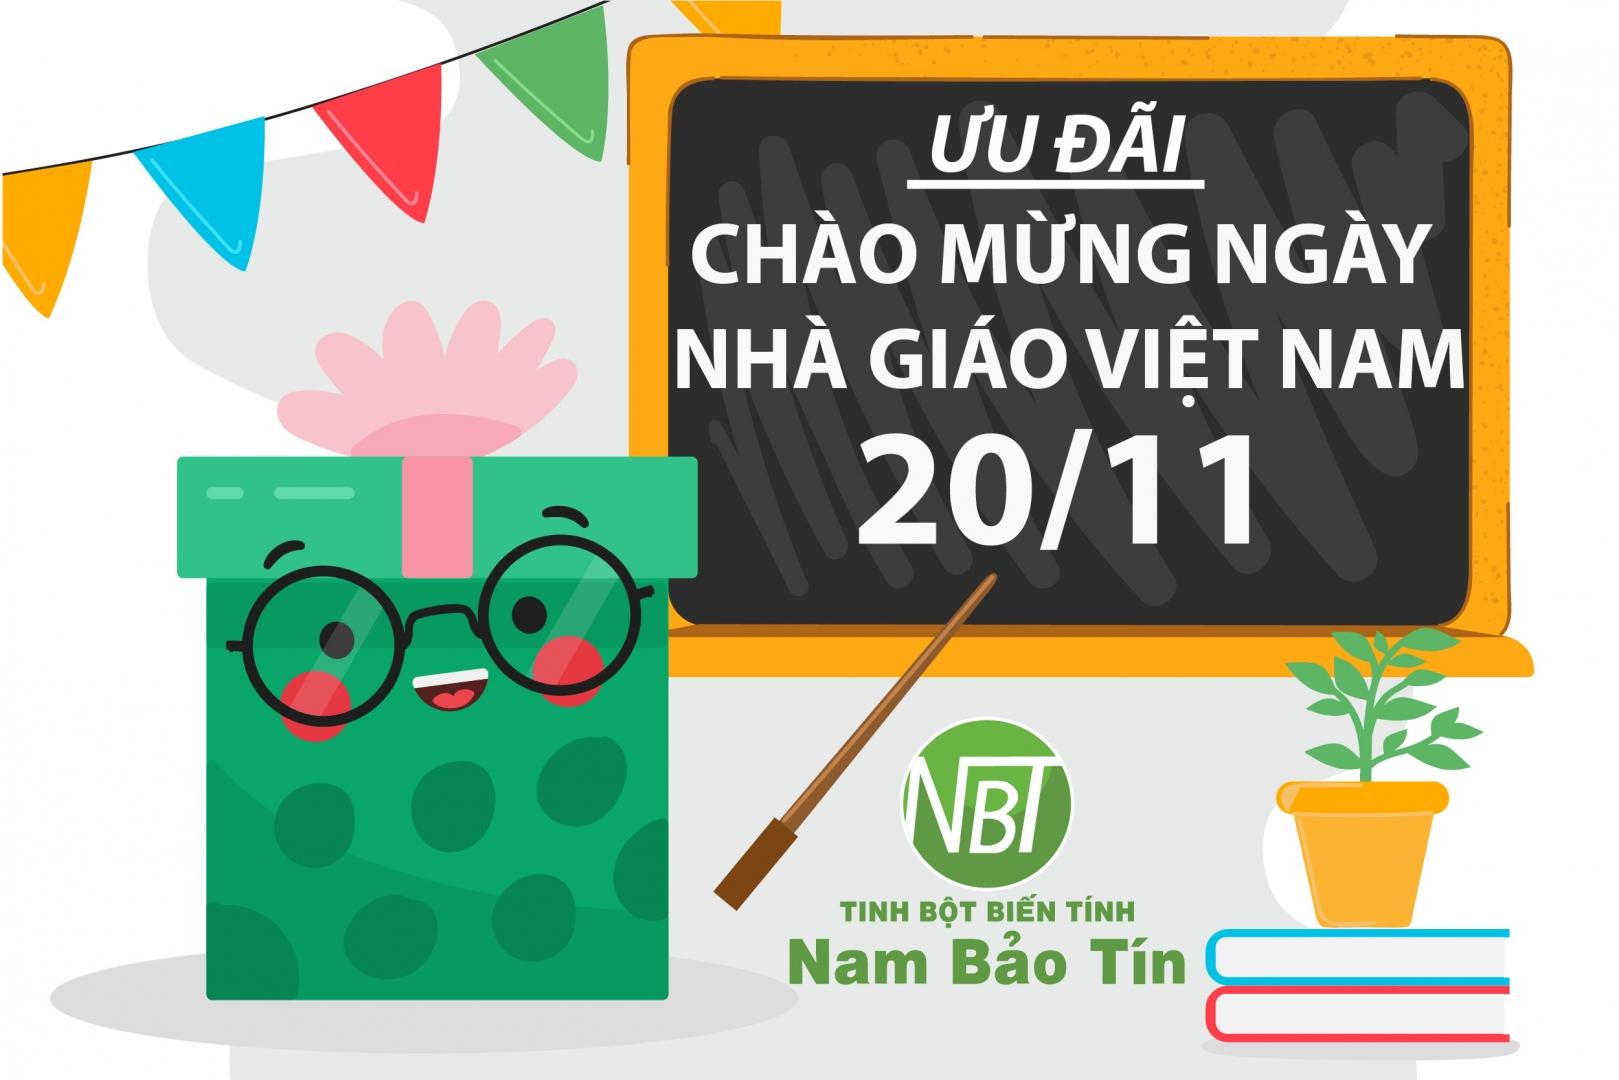 Nam Bảo Tín khuyến mãi chào mừng ngày Nhà giáo Việt Nam 20/11